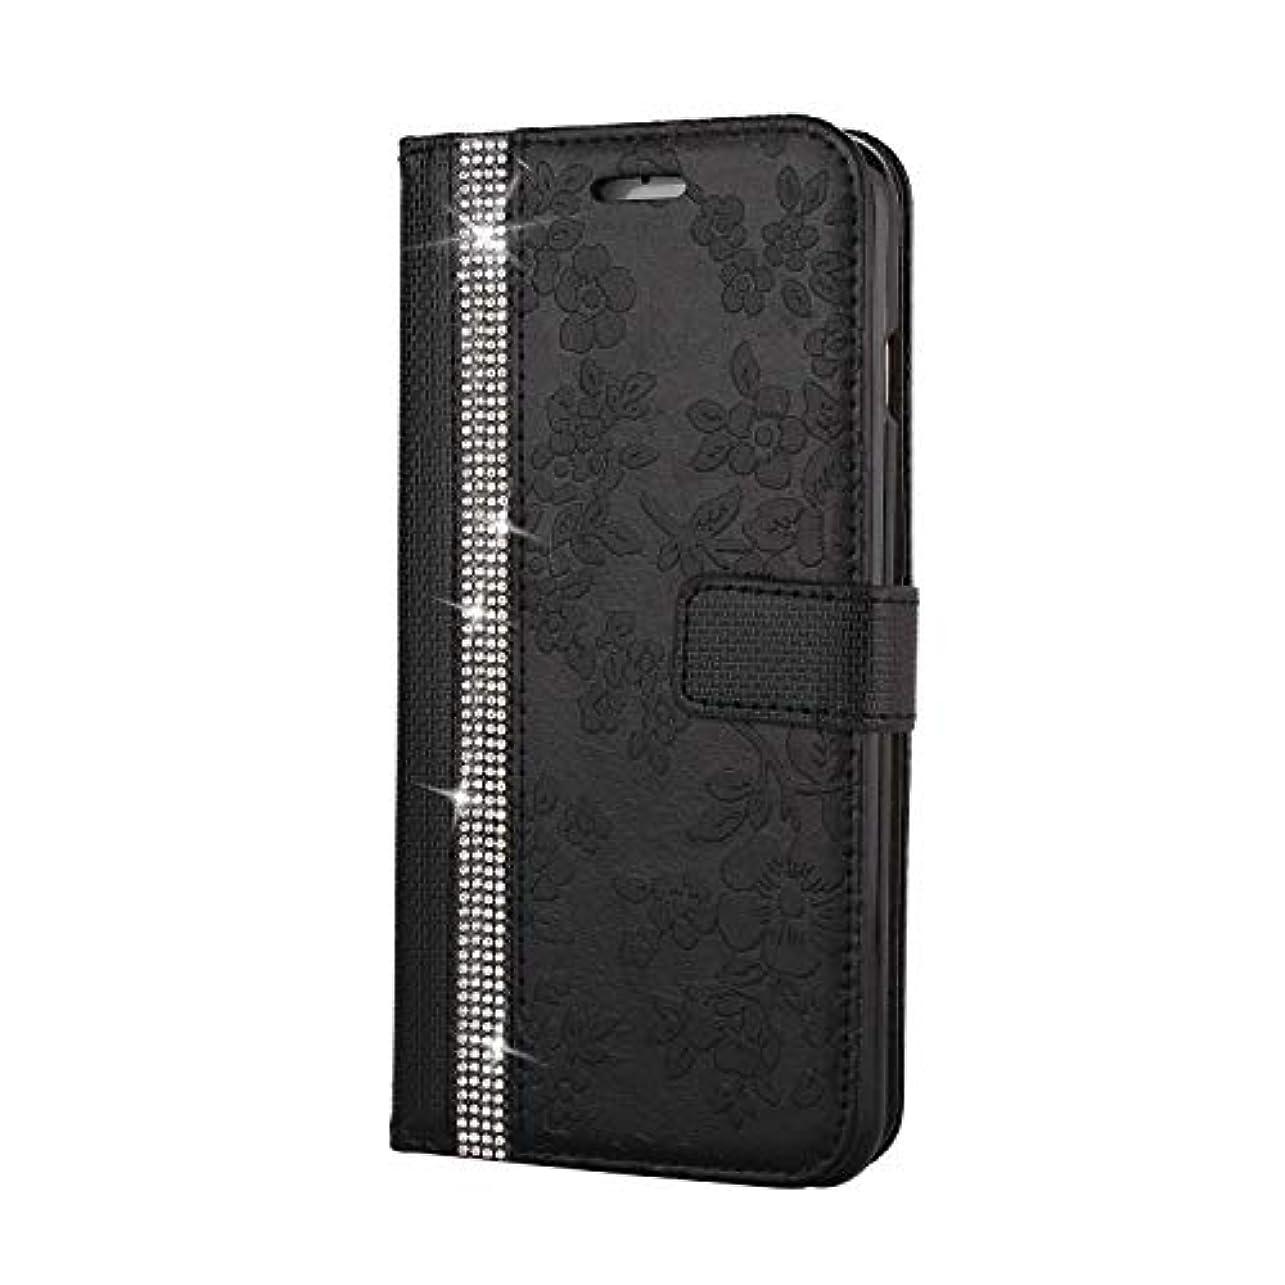 温度角度徐々にCUNUS iPhone 6 Plus/iPhone 6S Plus 用 ウォレット ケース, プレミアム PUレザー 全面保護 ケース 耐衝撃 スタンド機能 耐汚れ カード収納 カバー, ブラック